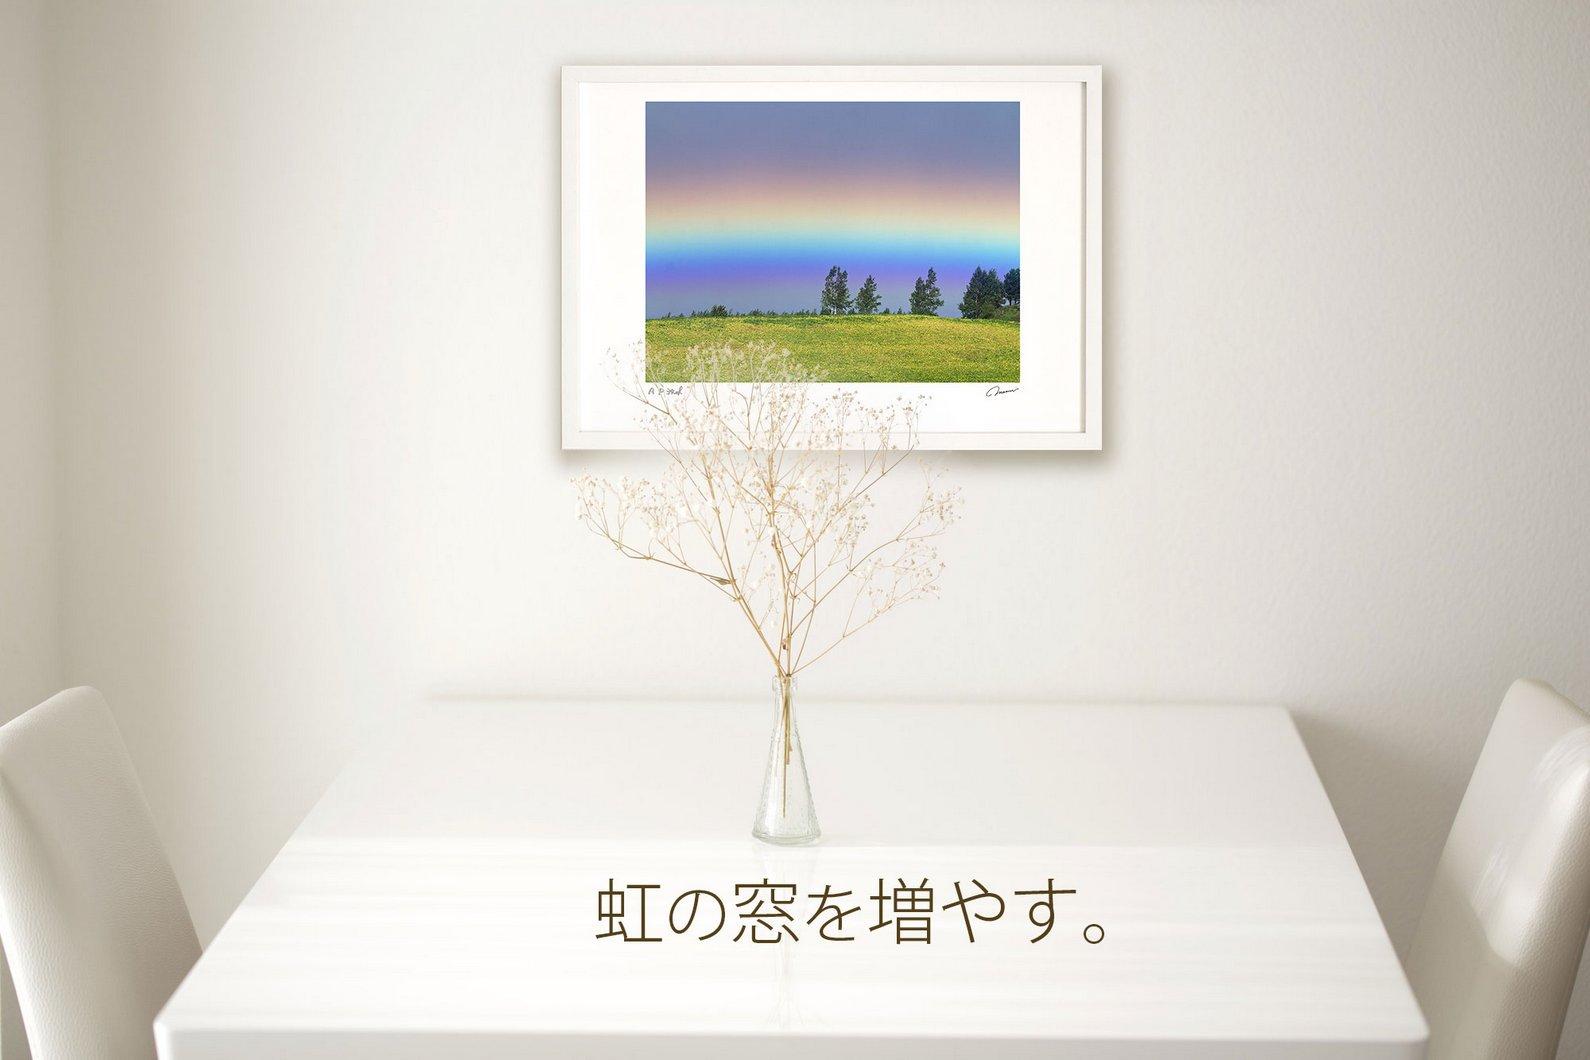 《アートフォト》桜12/上富良野町〔富良野・高橋真澄〕(レンタル対象)